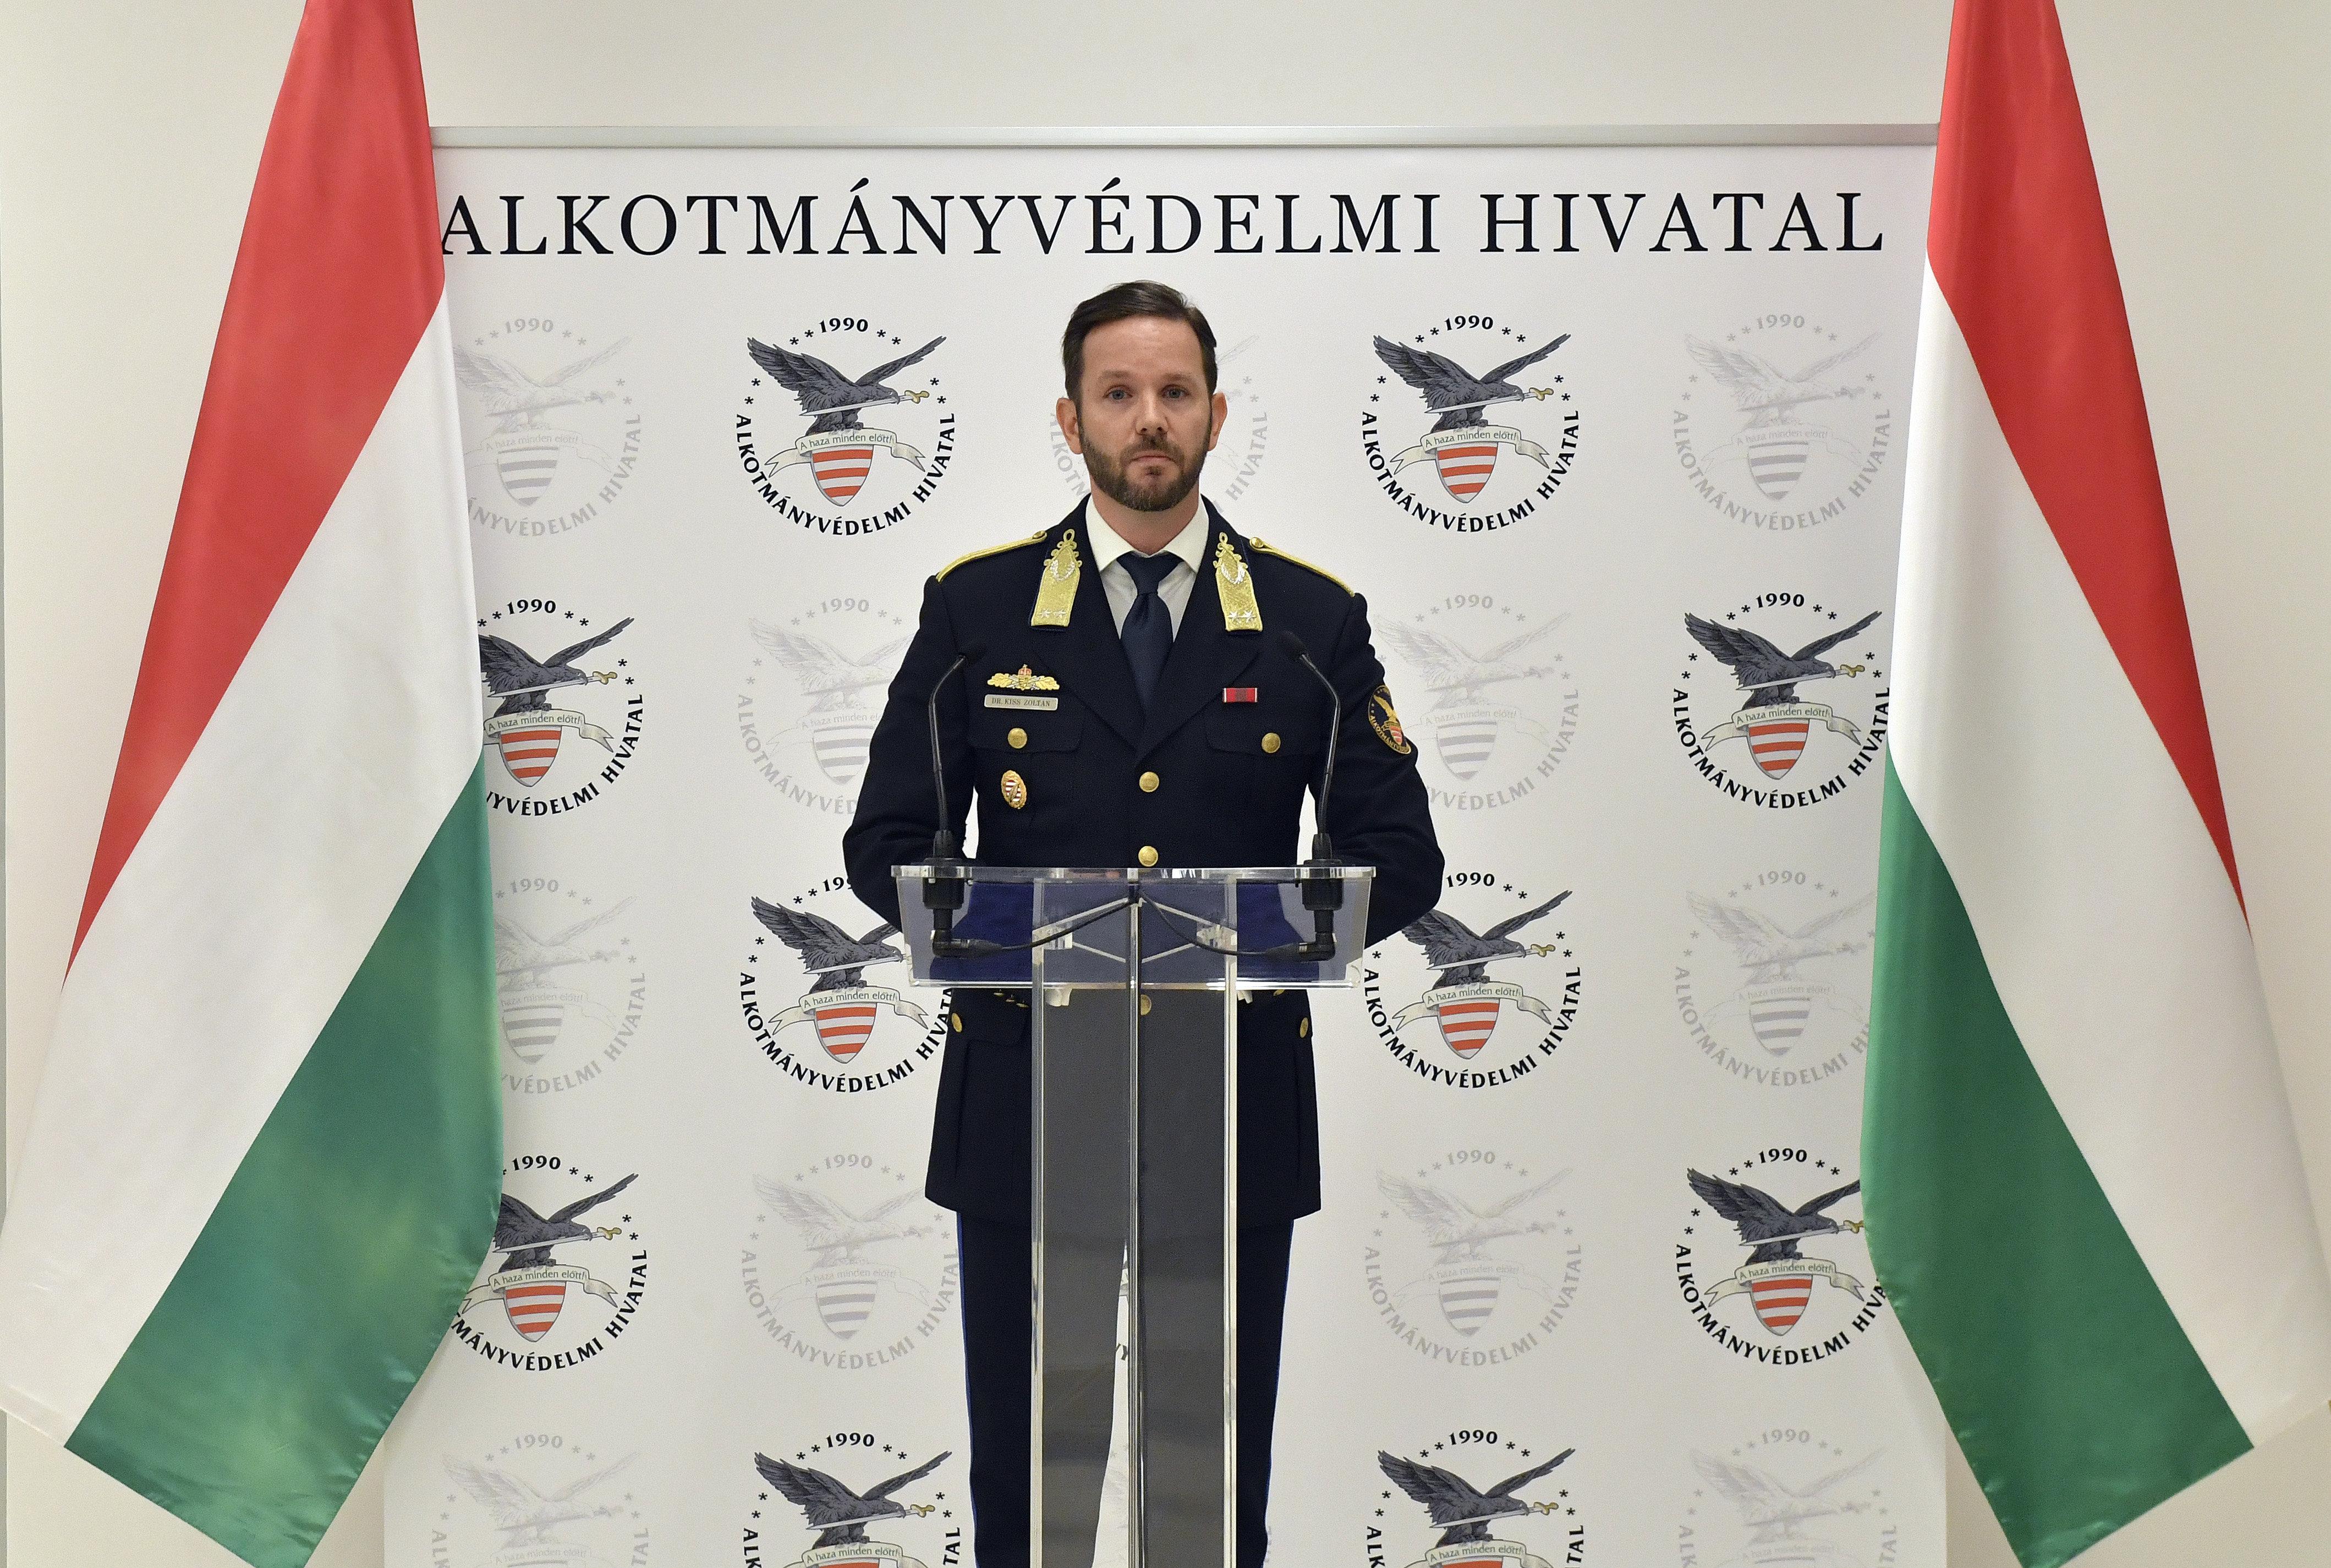 Orbán leváltotta az Alkotmányvédelmi Hivatal vezetőjét